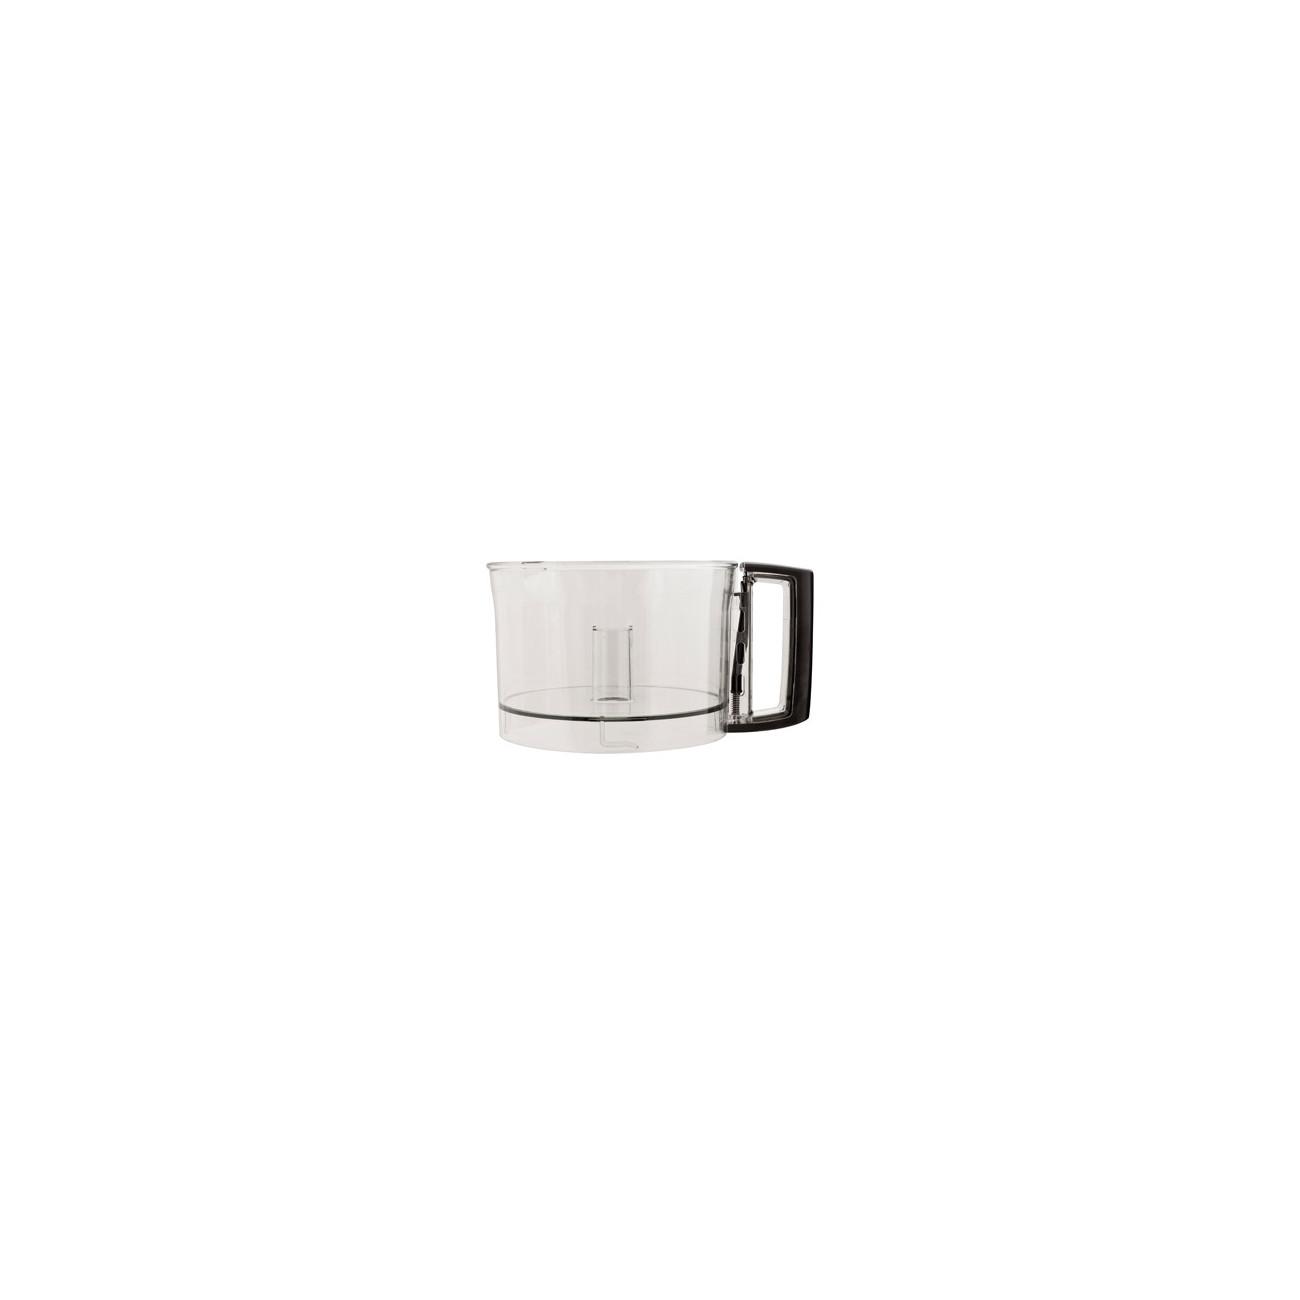 Large Bowl Chrome/Black (4200XL)